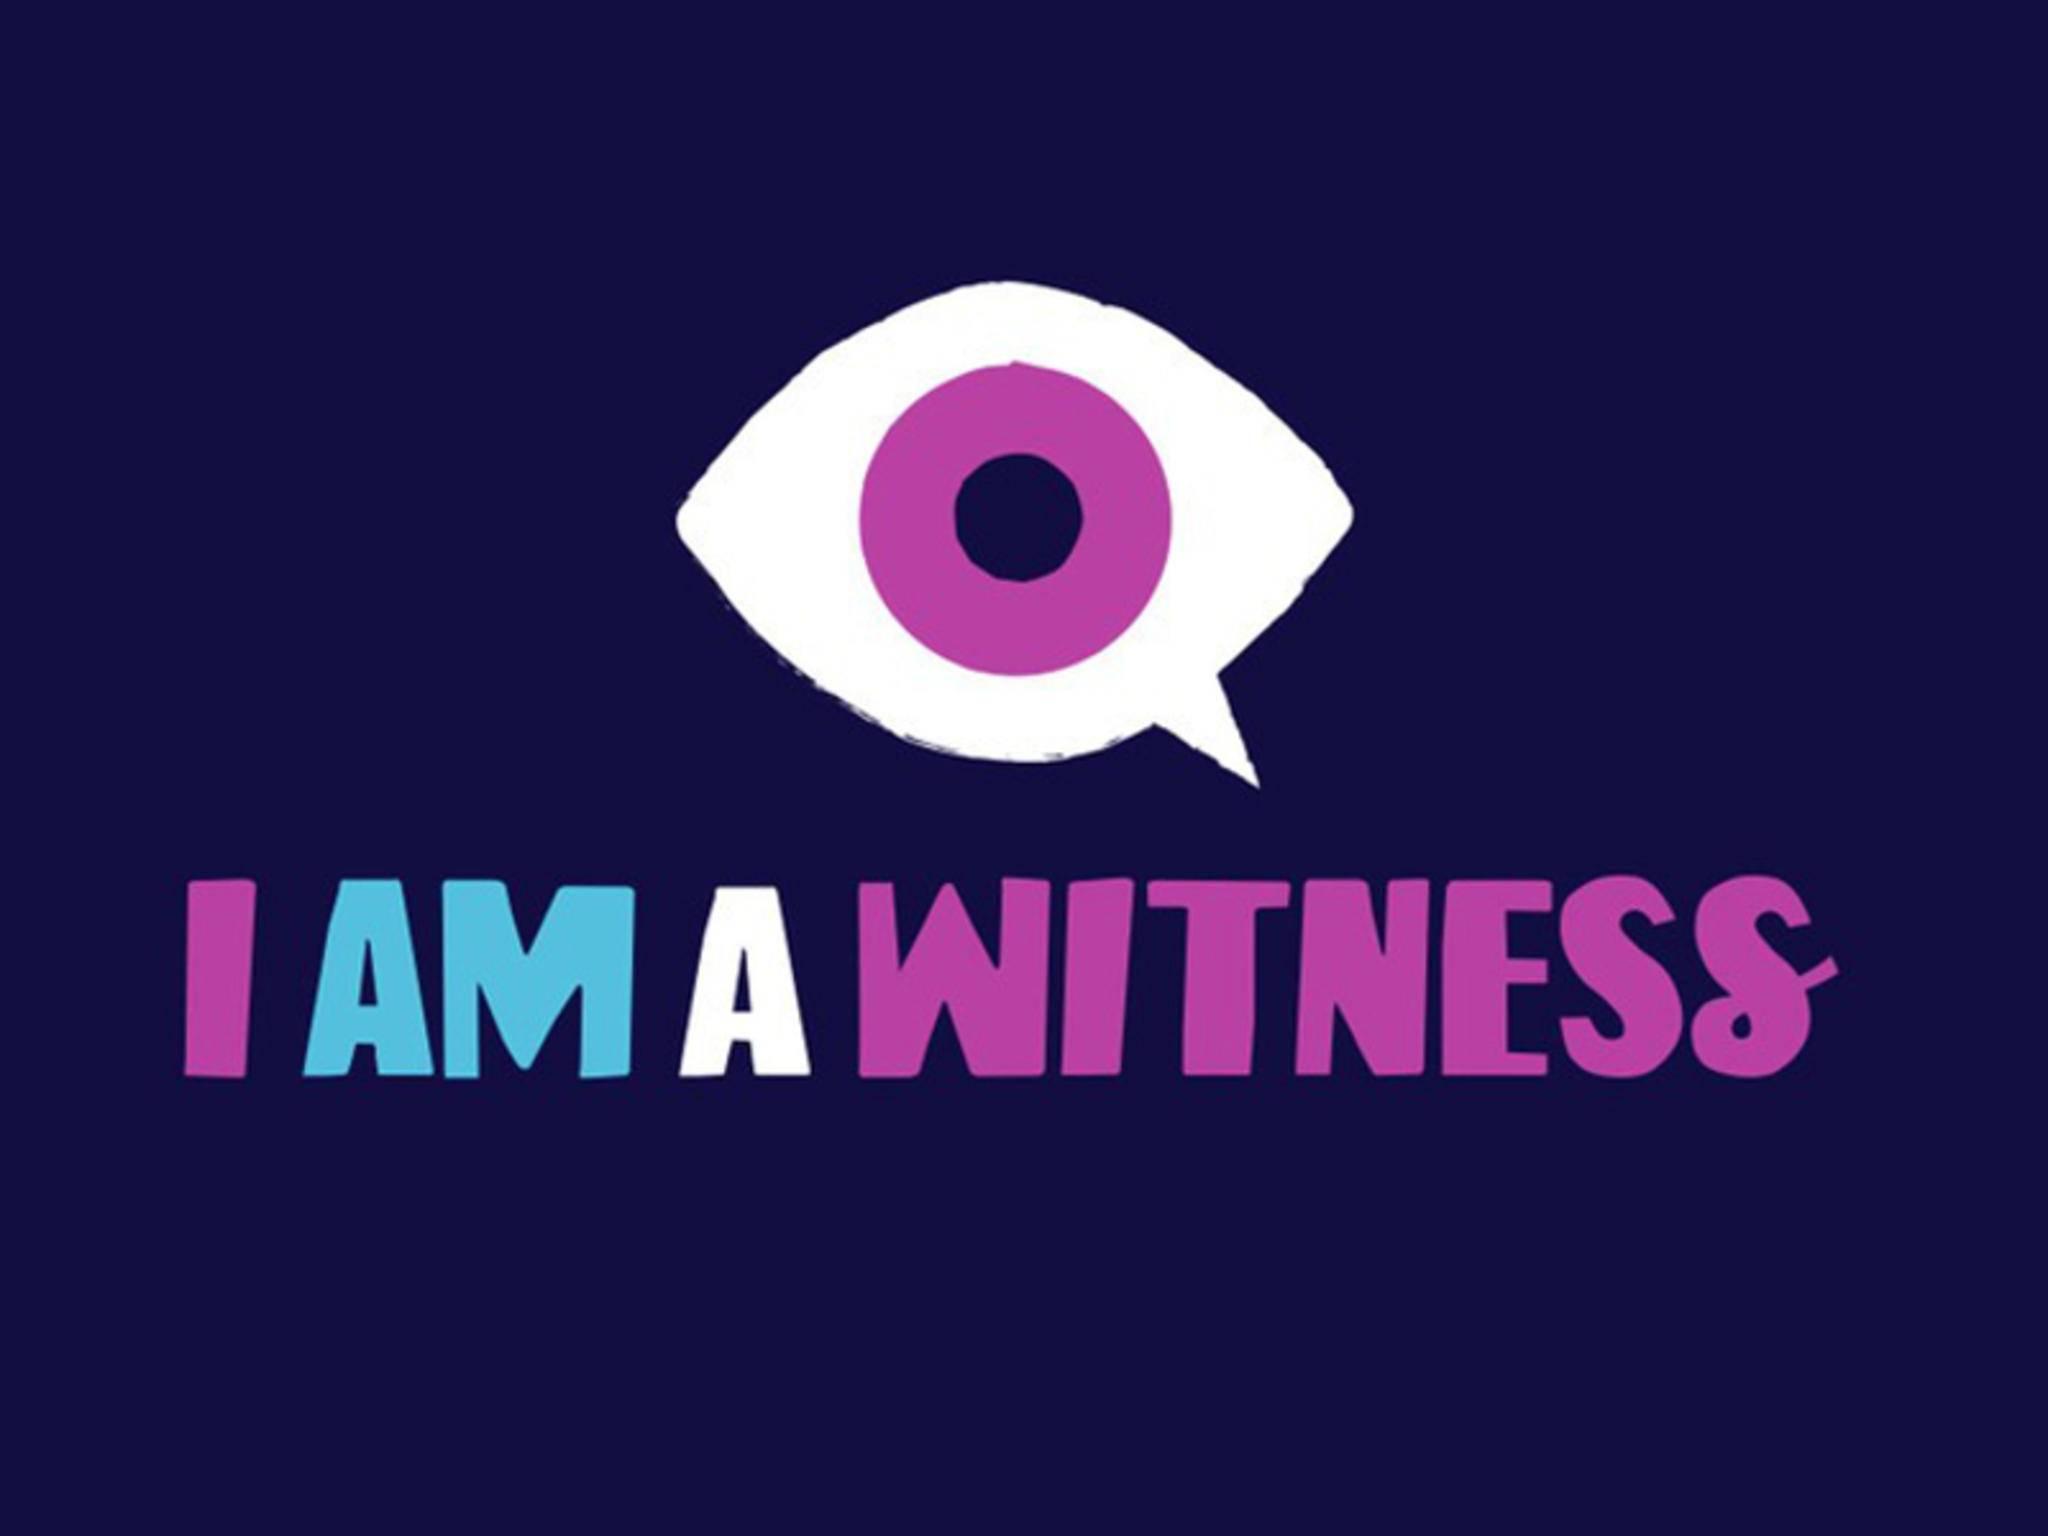 """Das Auge steht für die Anti-Bullying-Kampagne """"I Am A Witness""""."""